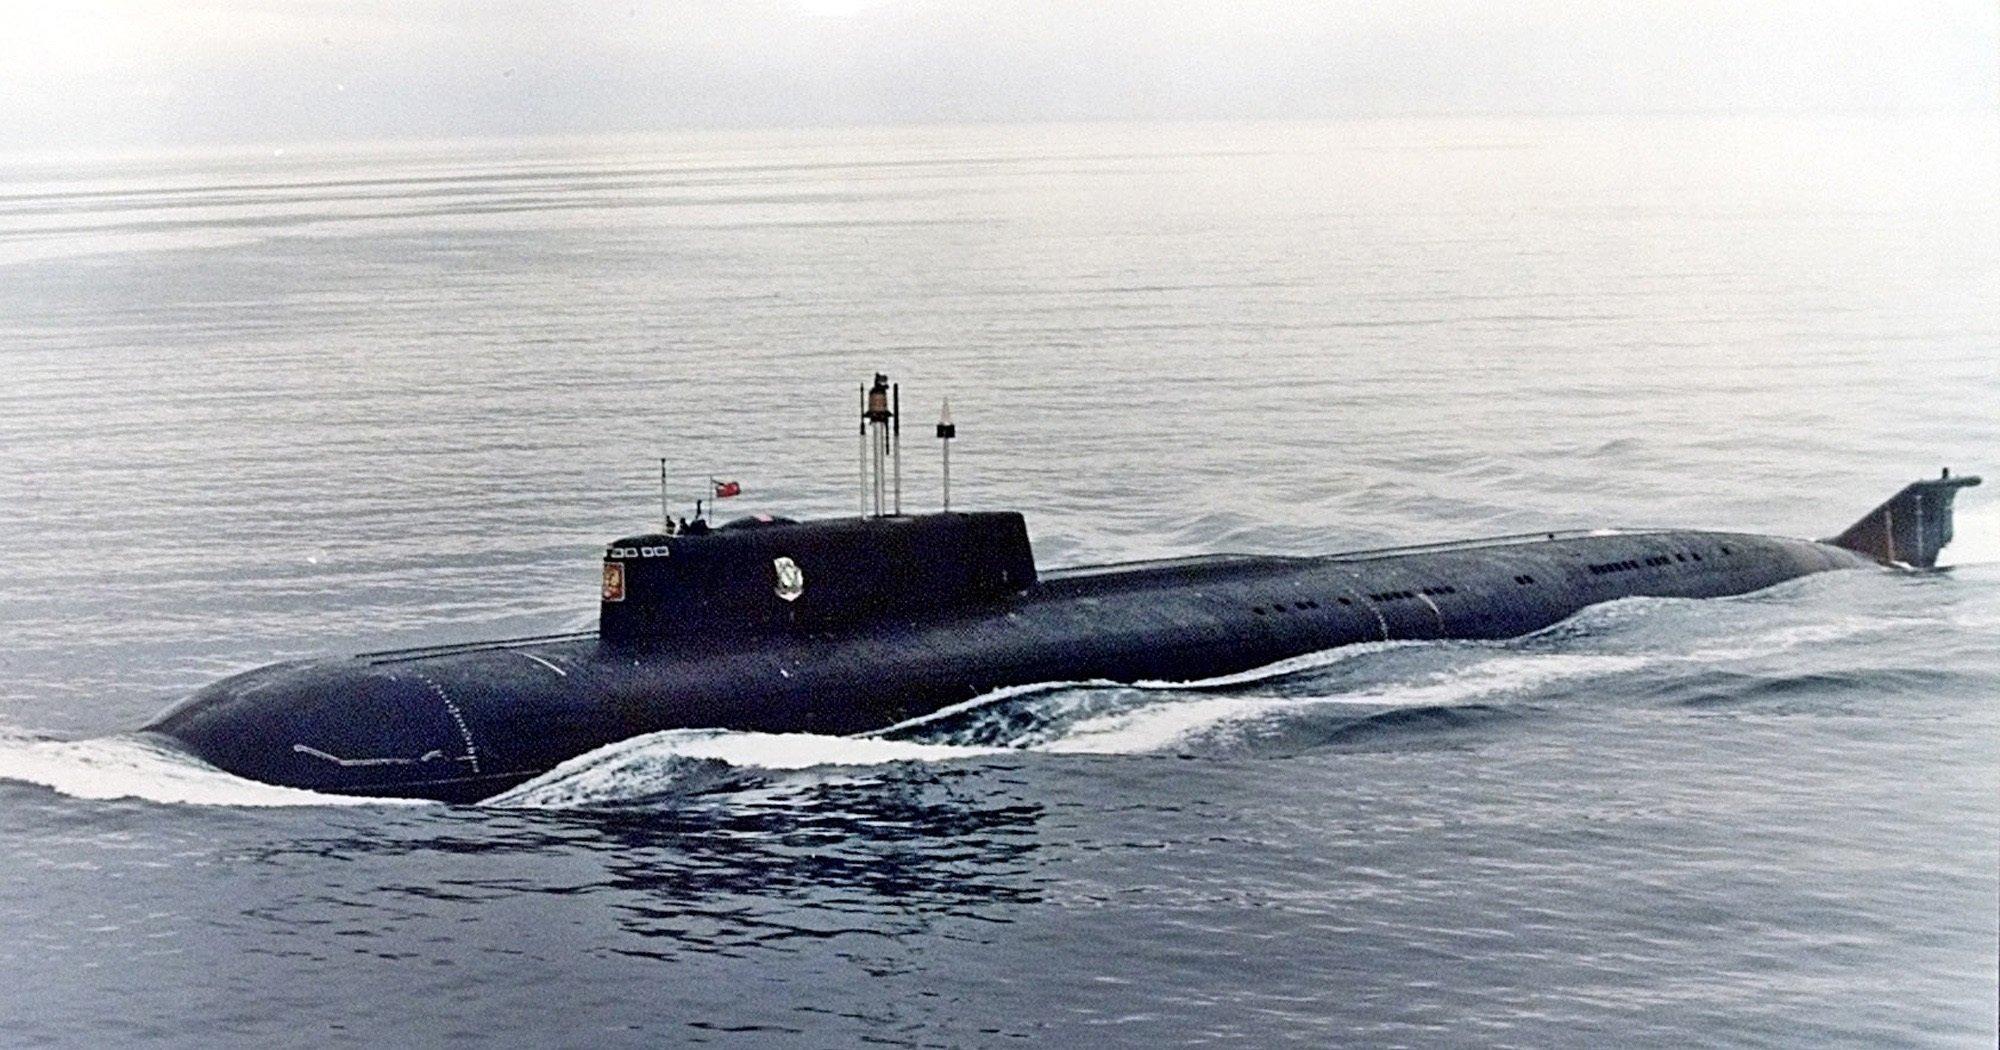 K-141 Koursk